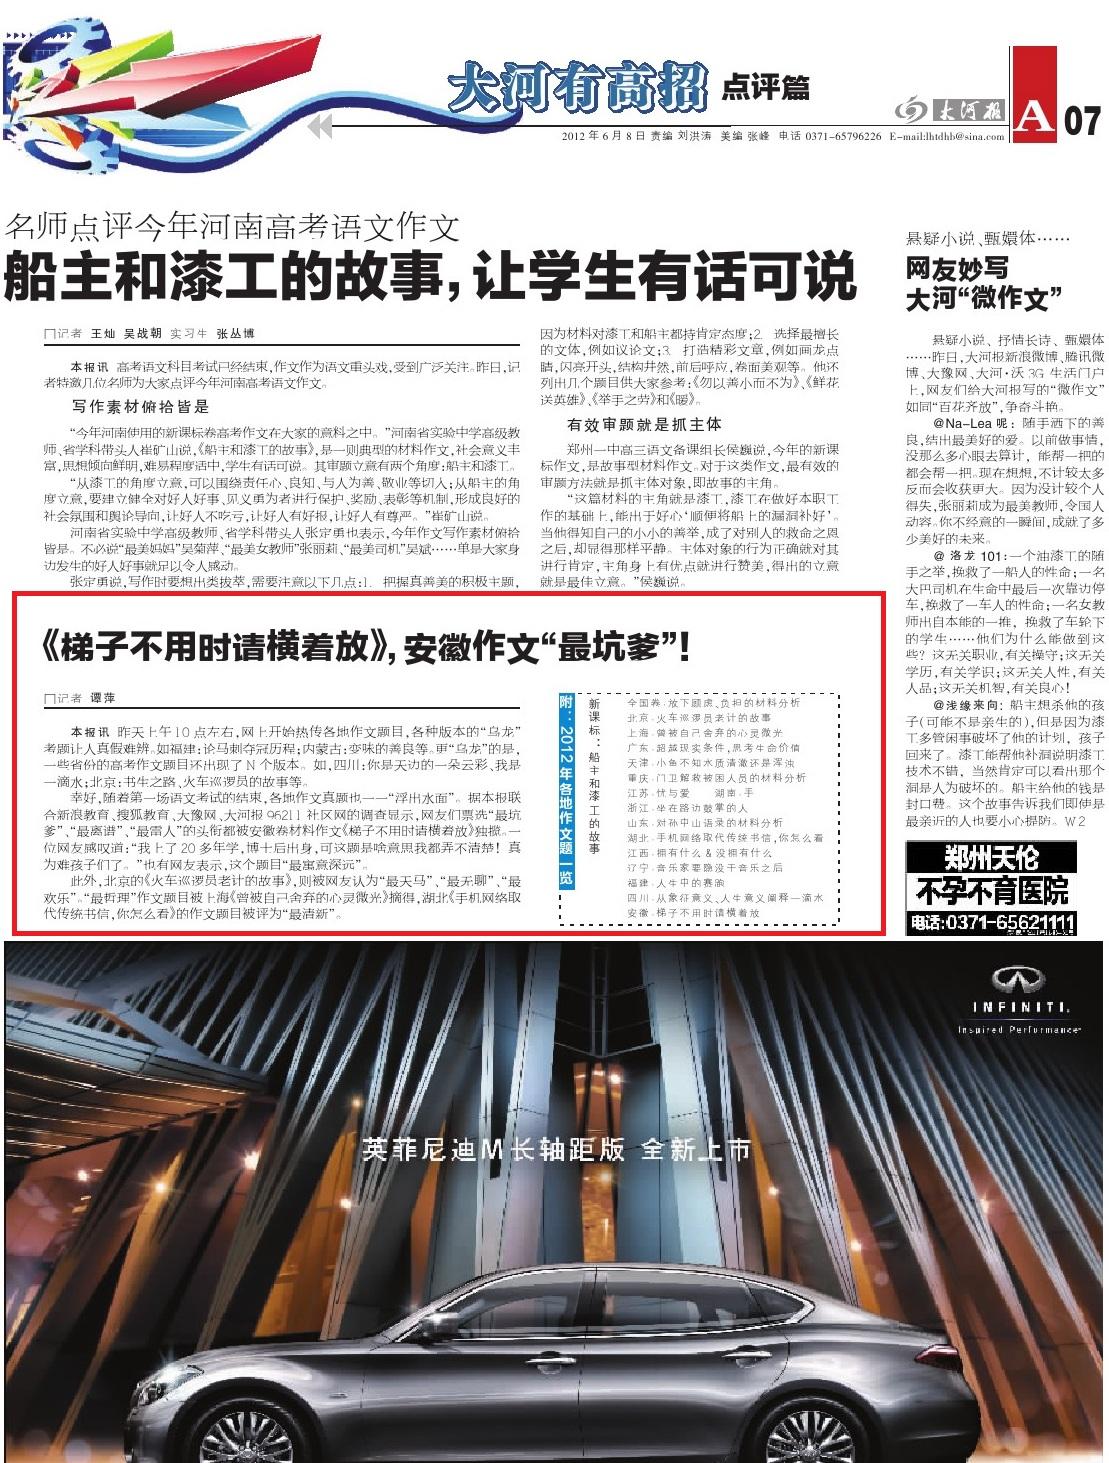 搜狐教育媒体联盟 大河报